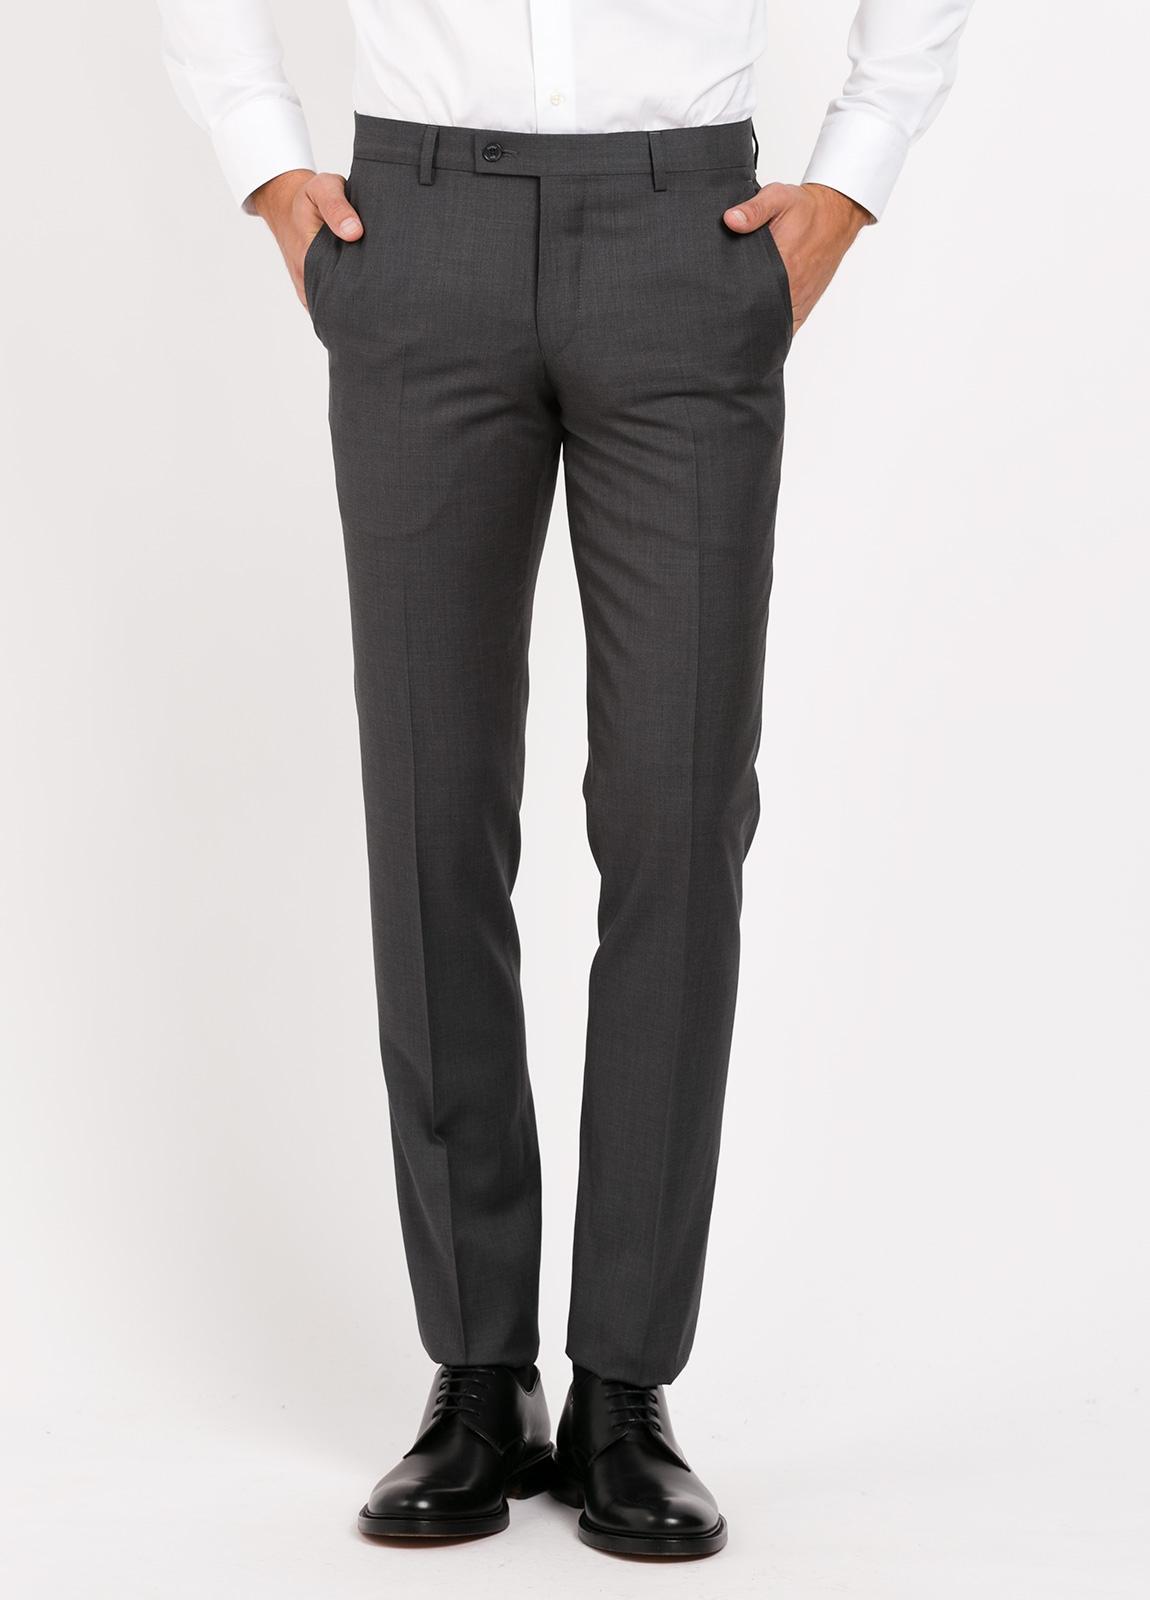 Pantalón vestir Slim Fit, color gris marengo. 100% Lana.